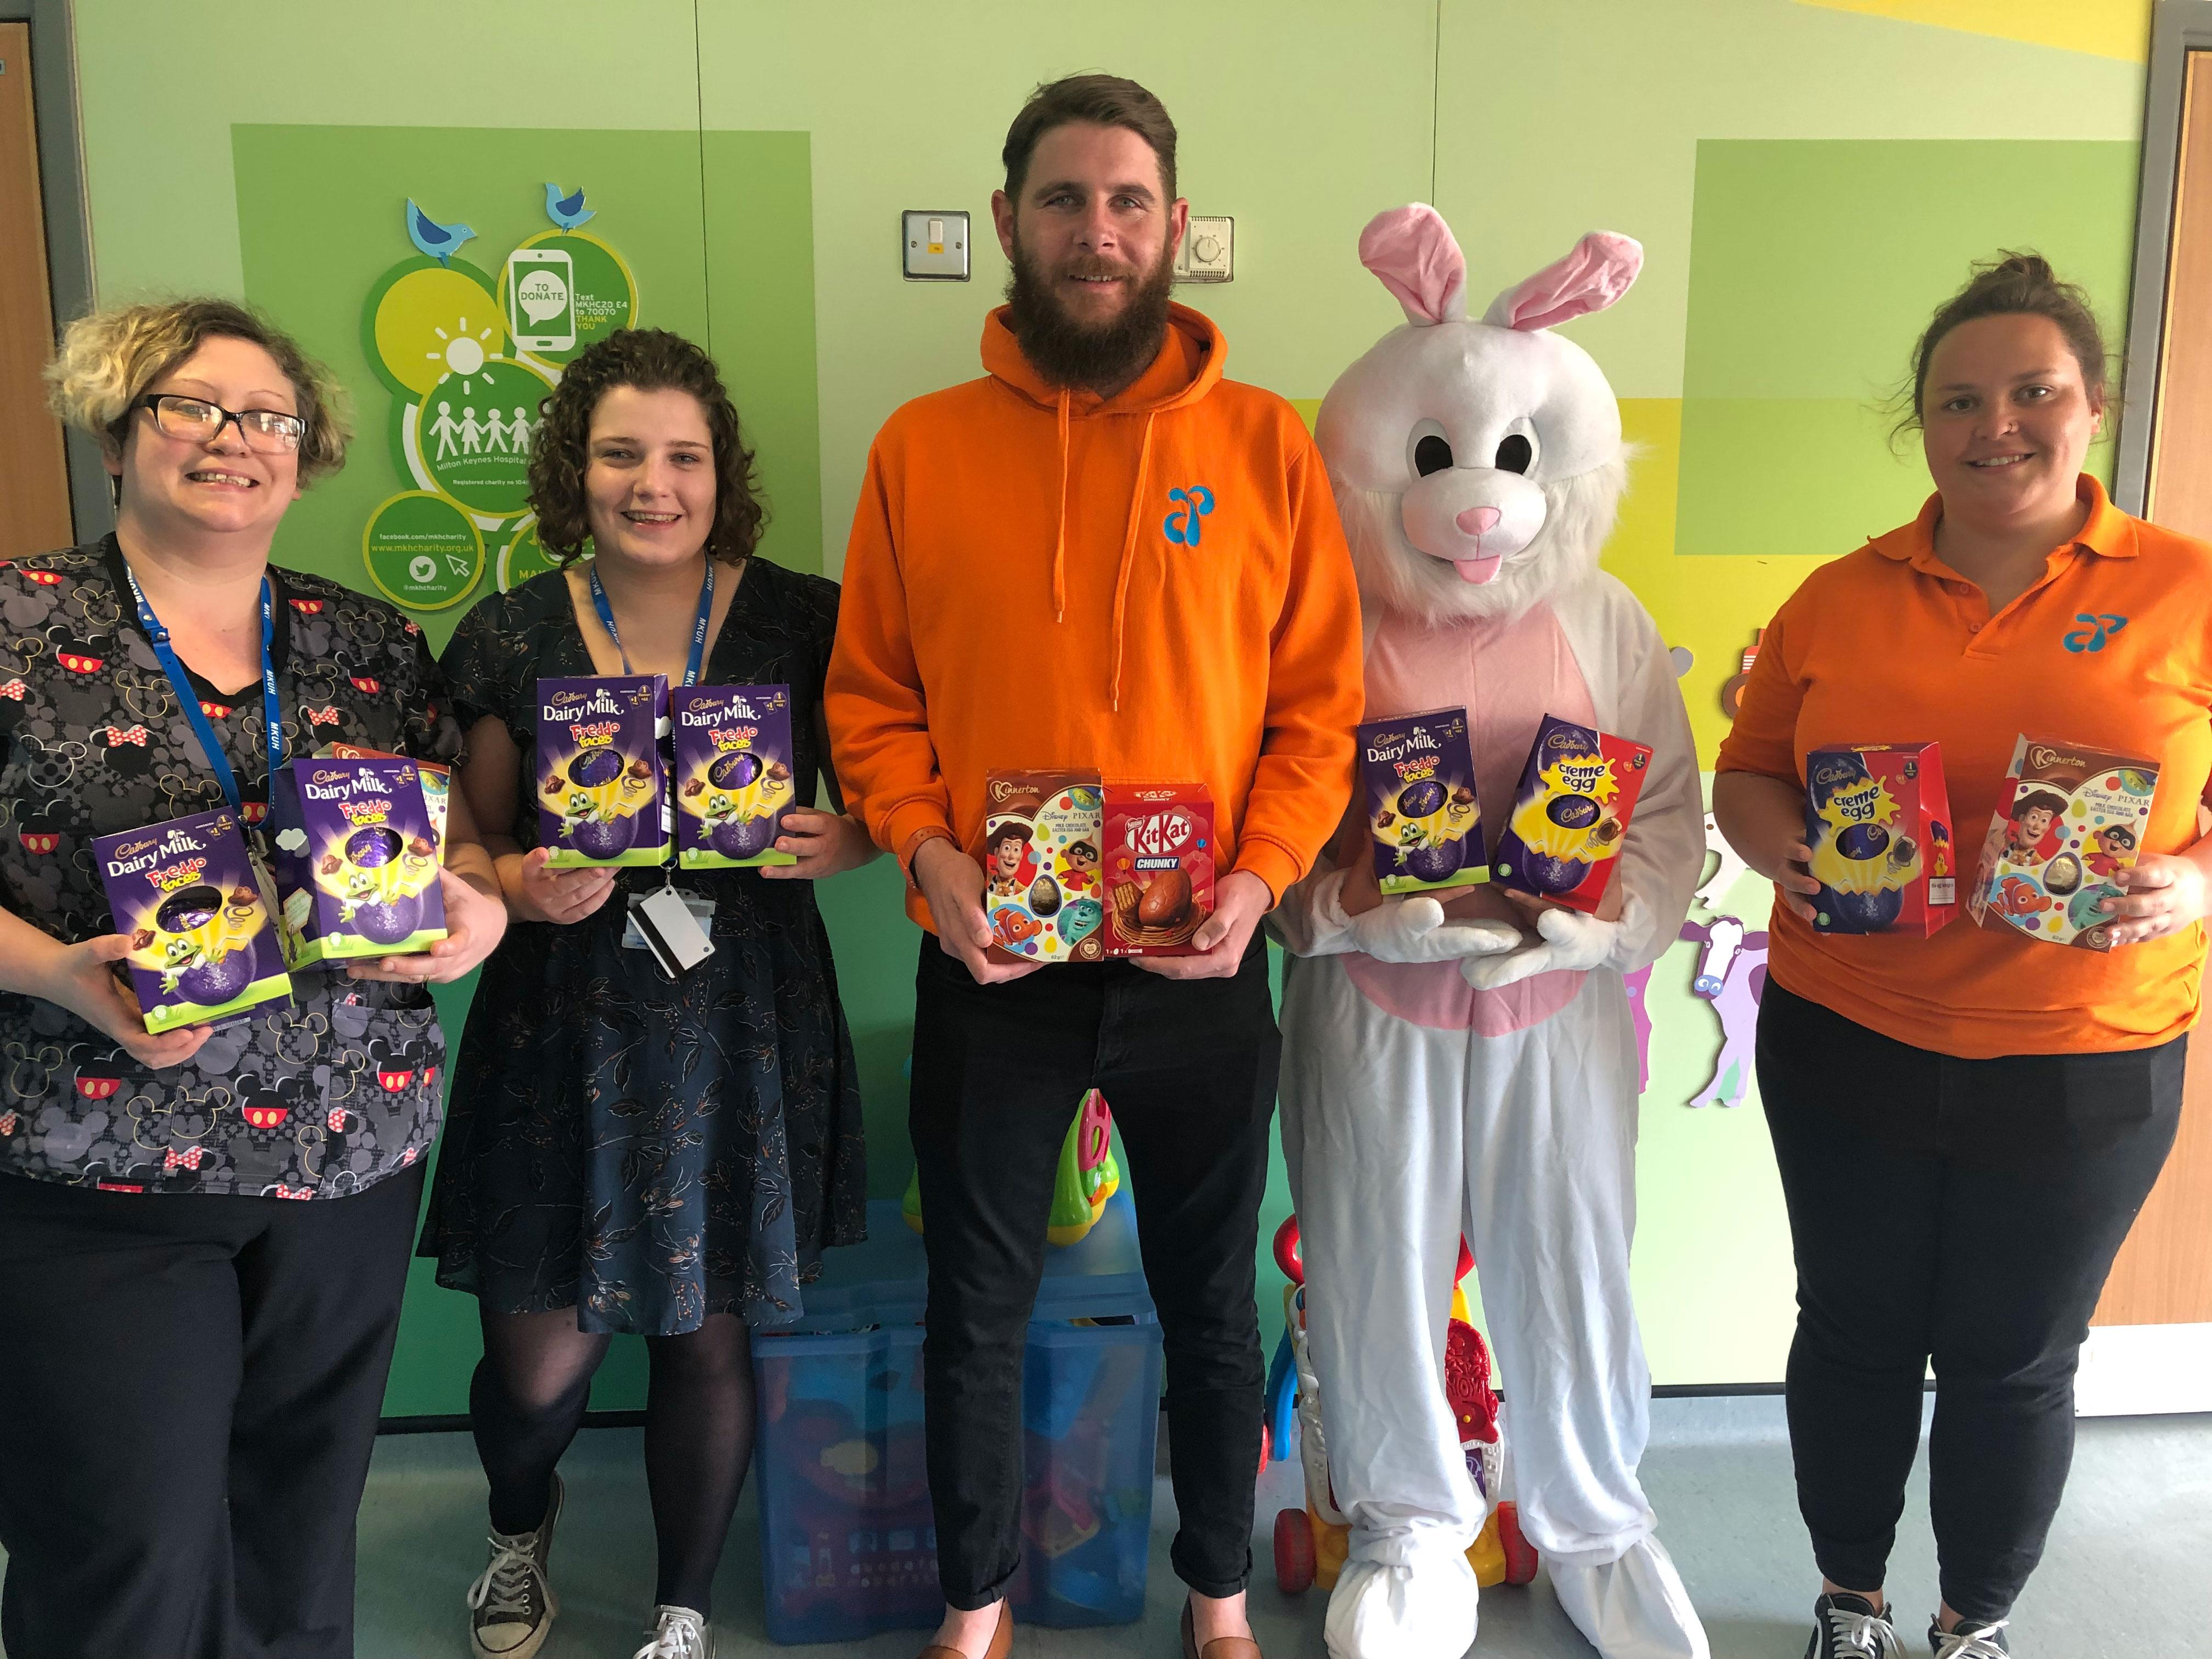 Aqua Parcs Easter Bunny at MK Hospital